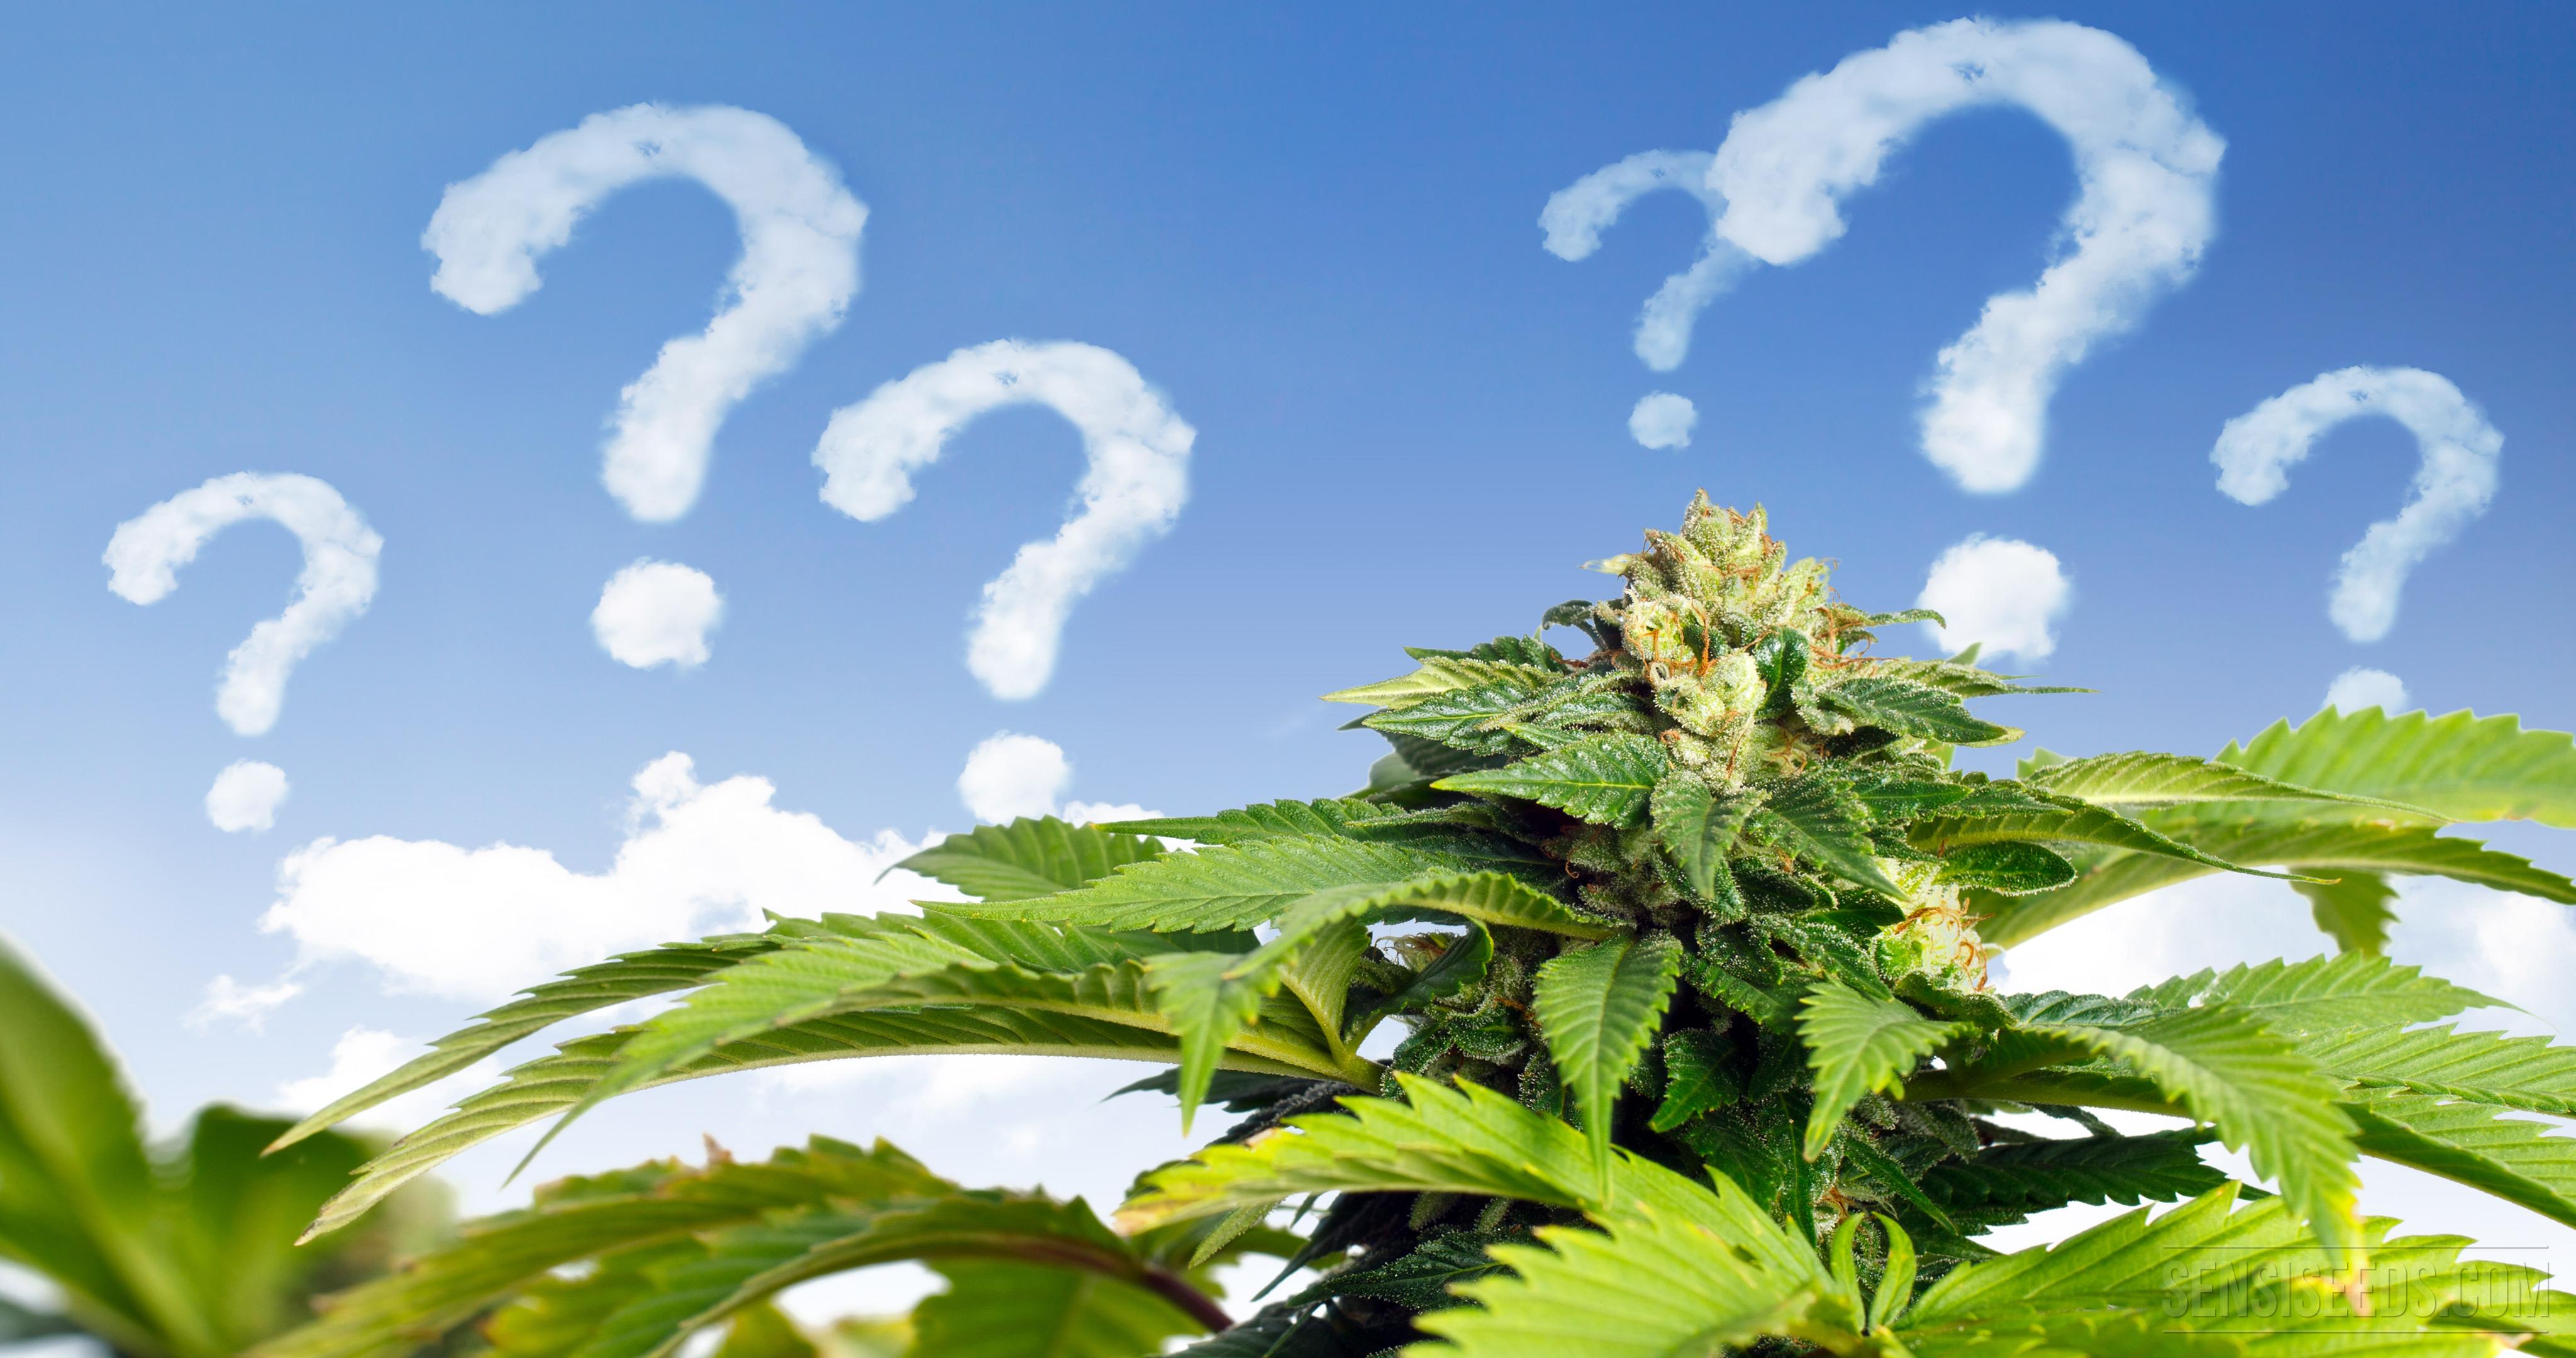 Comment bien choisir une vari t de cannabis cultiver en for Cultiver cannabis exterieur